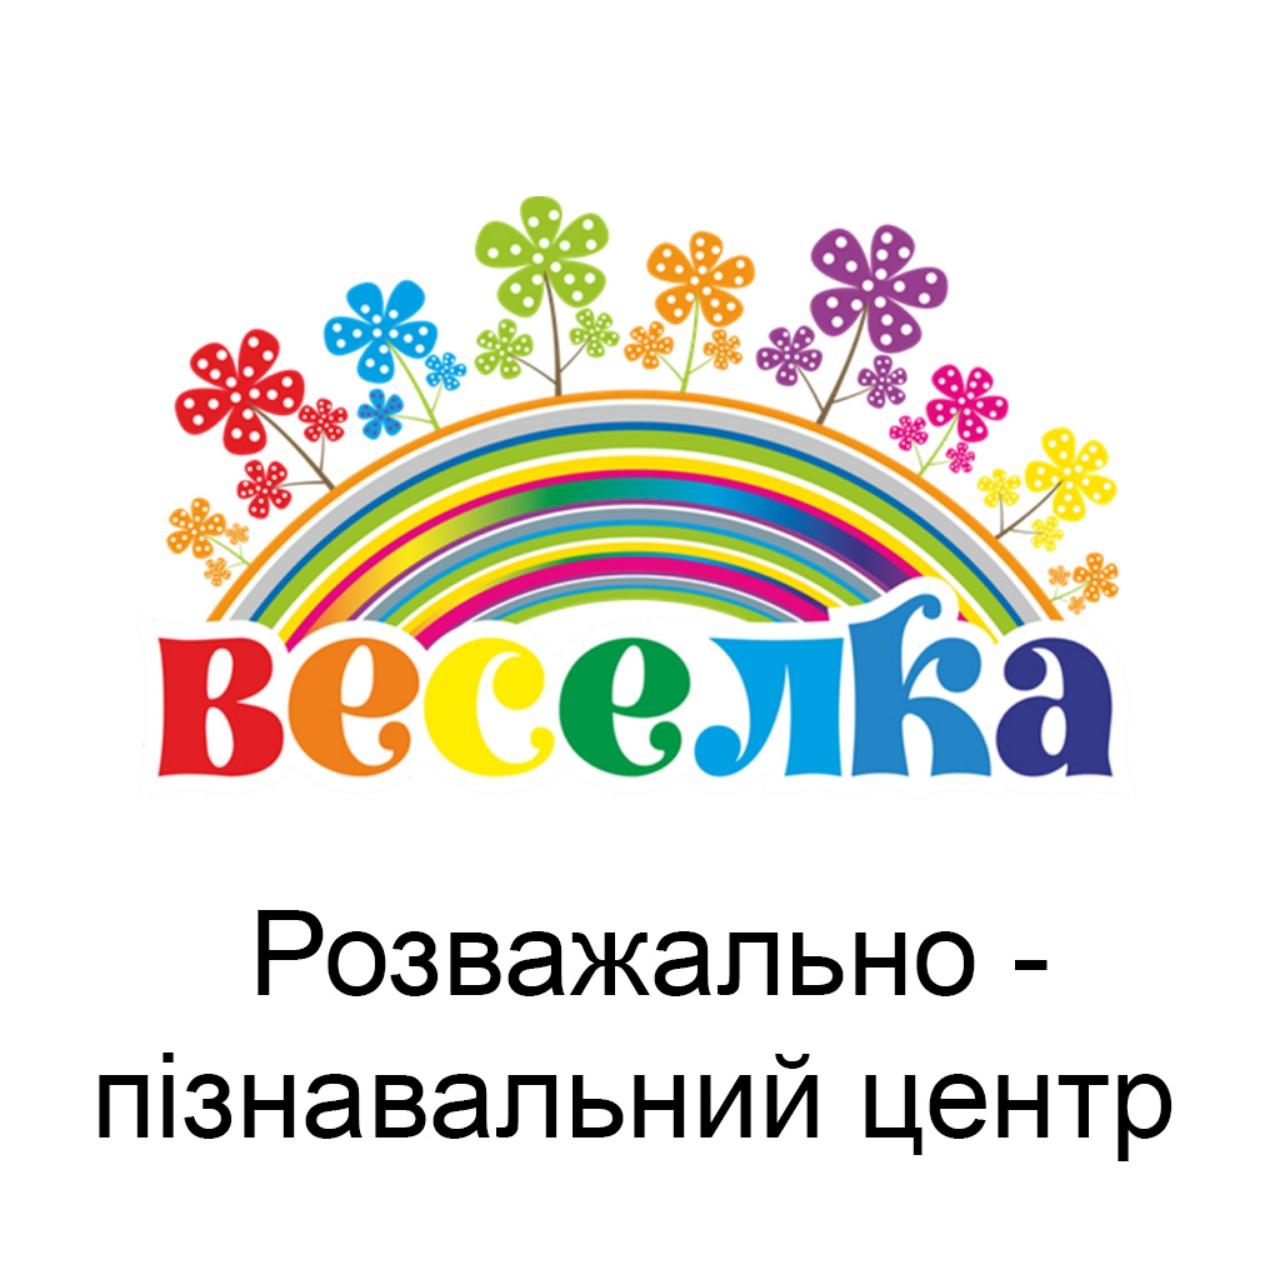 Розважально пізнавальний центр «Веселка» м.Львів